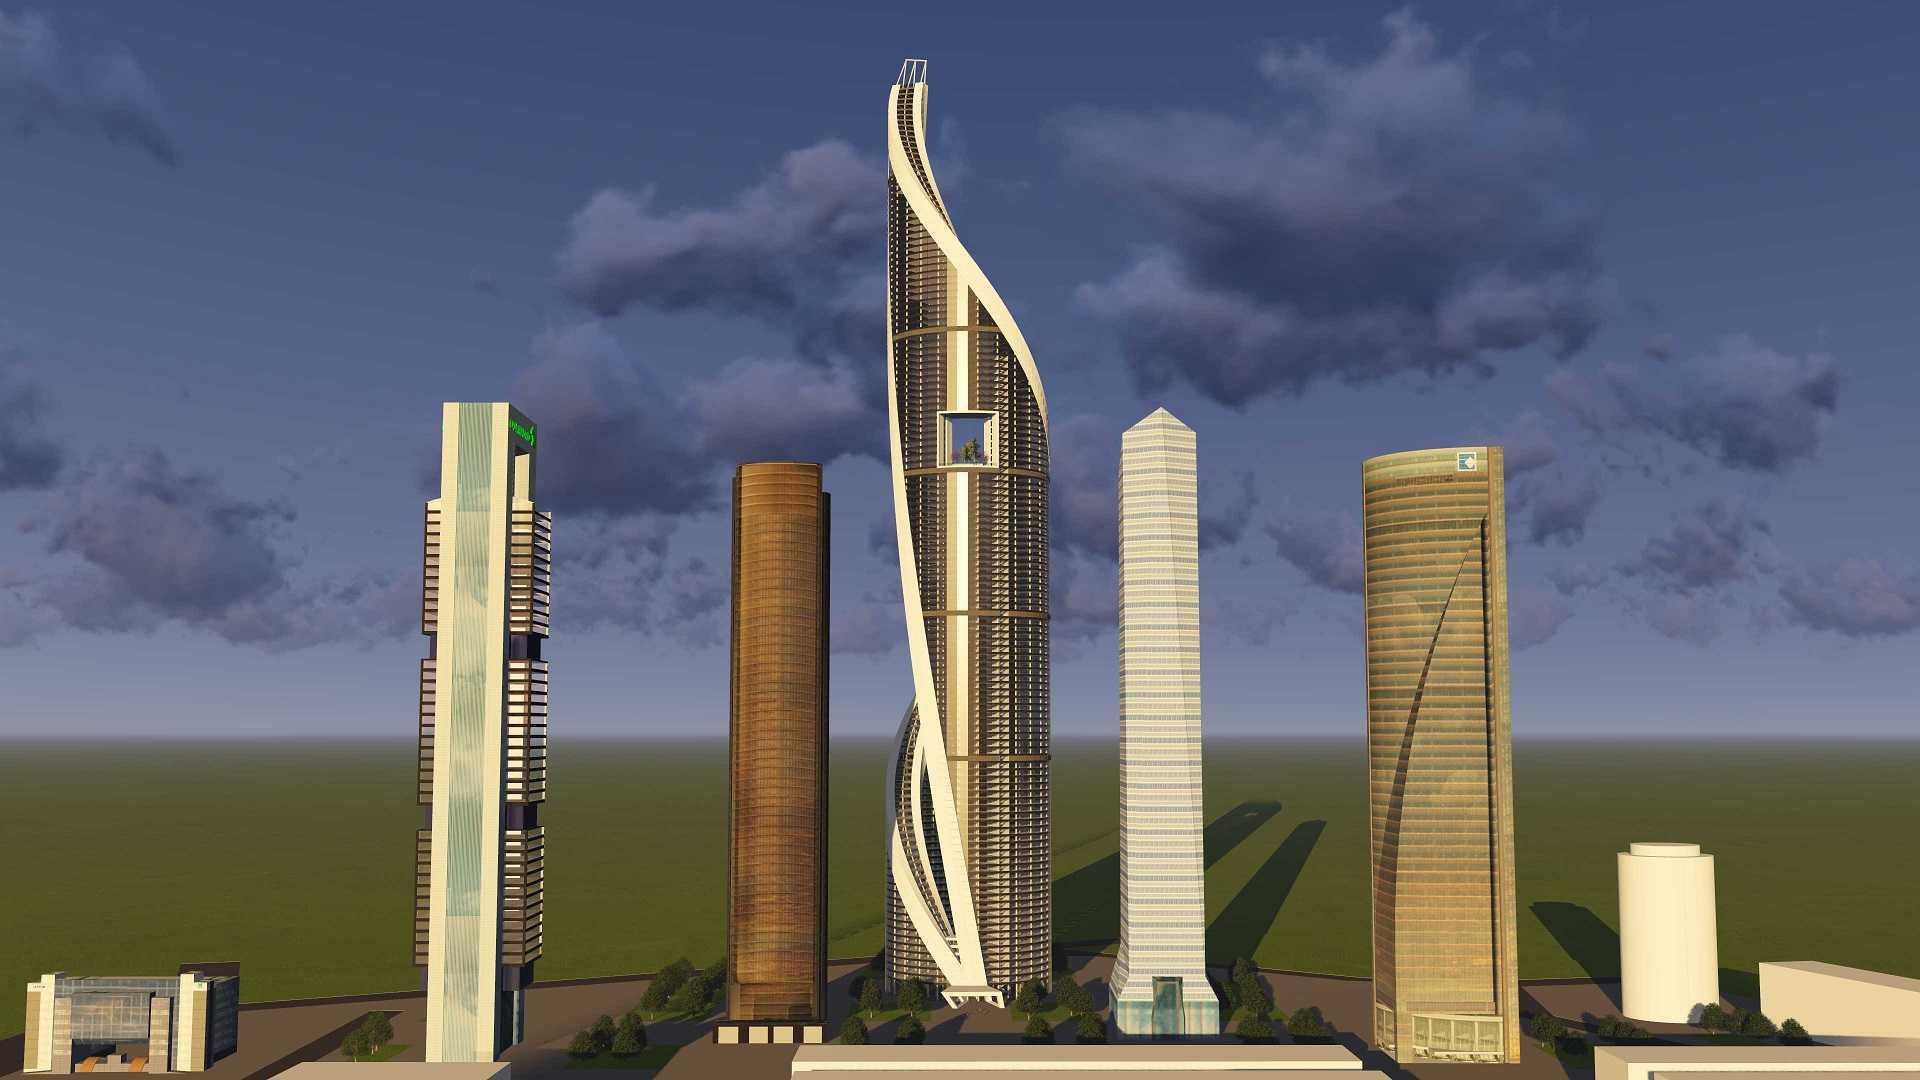 Estudio de arquitectura innovación y desarrollo